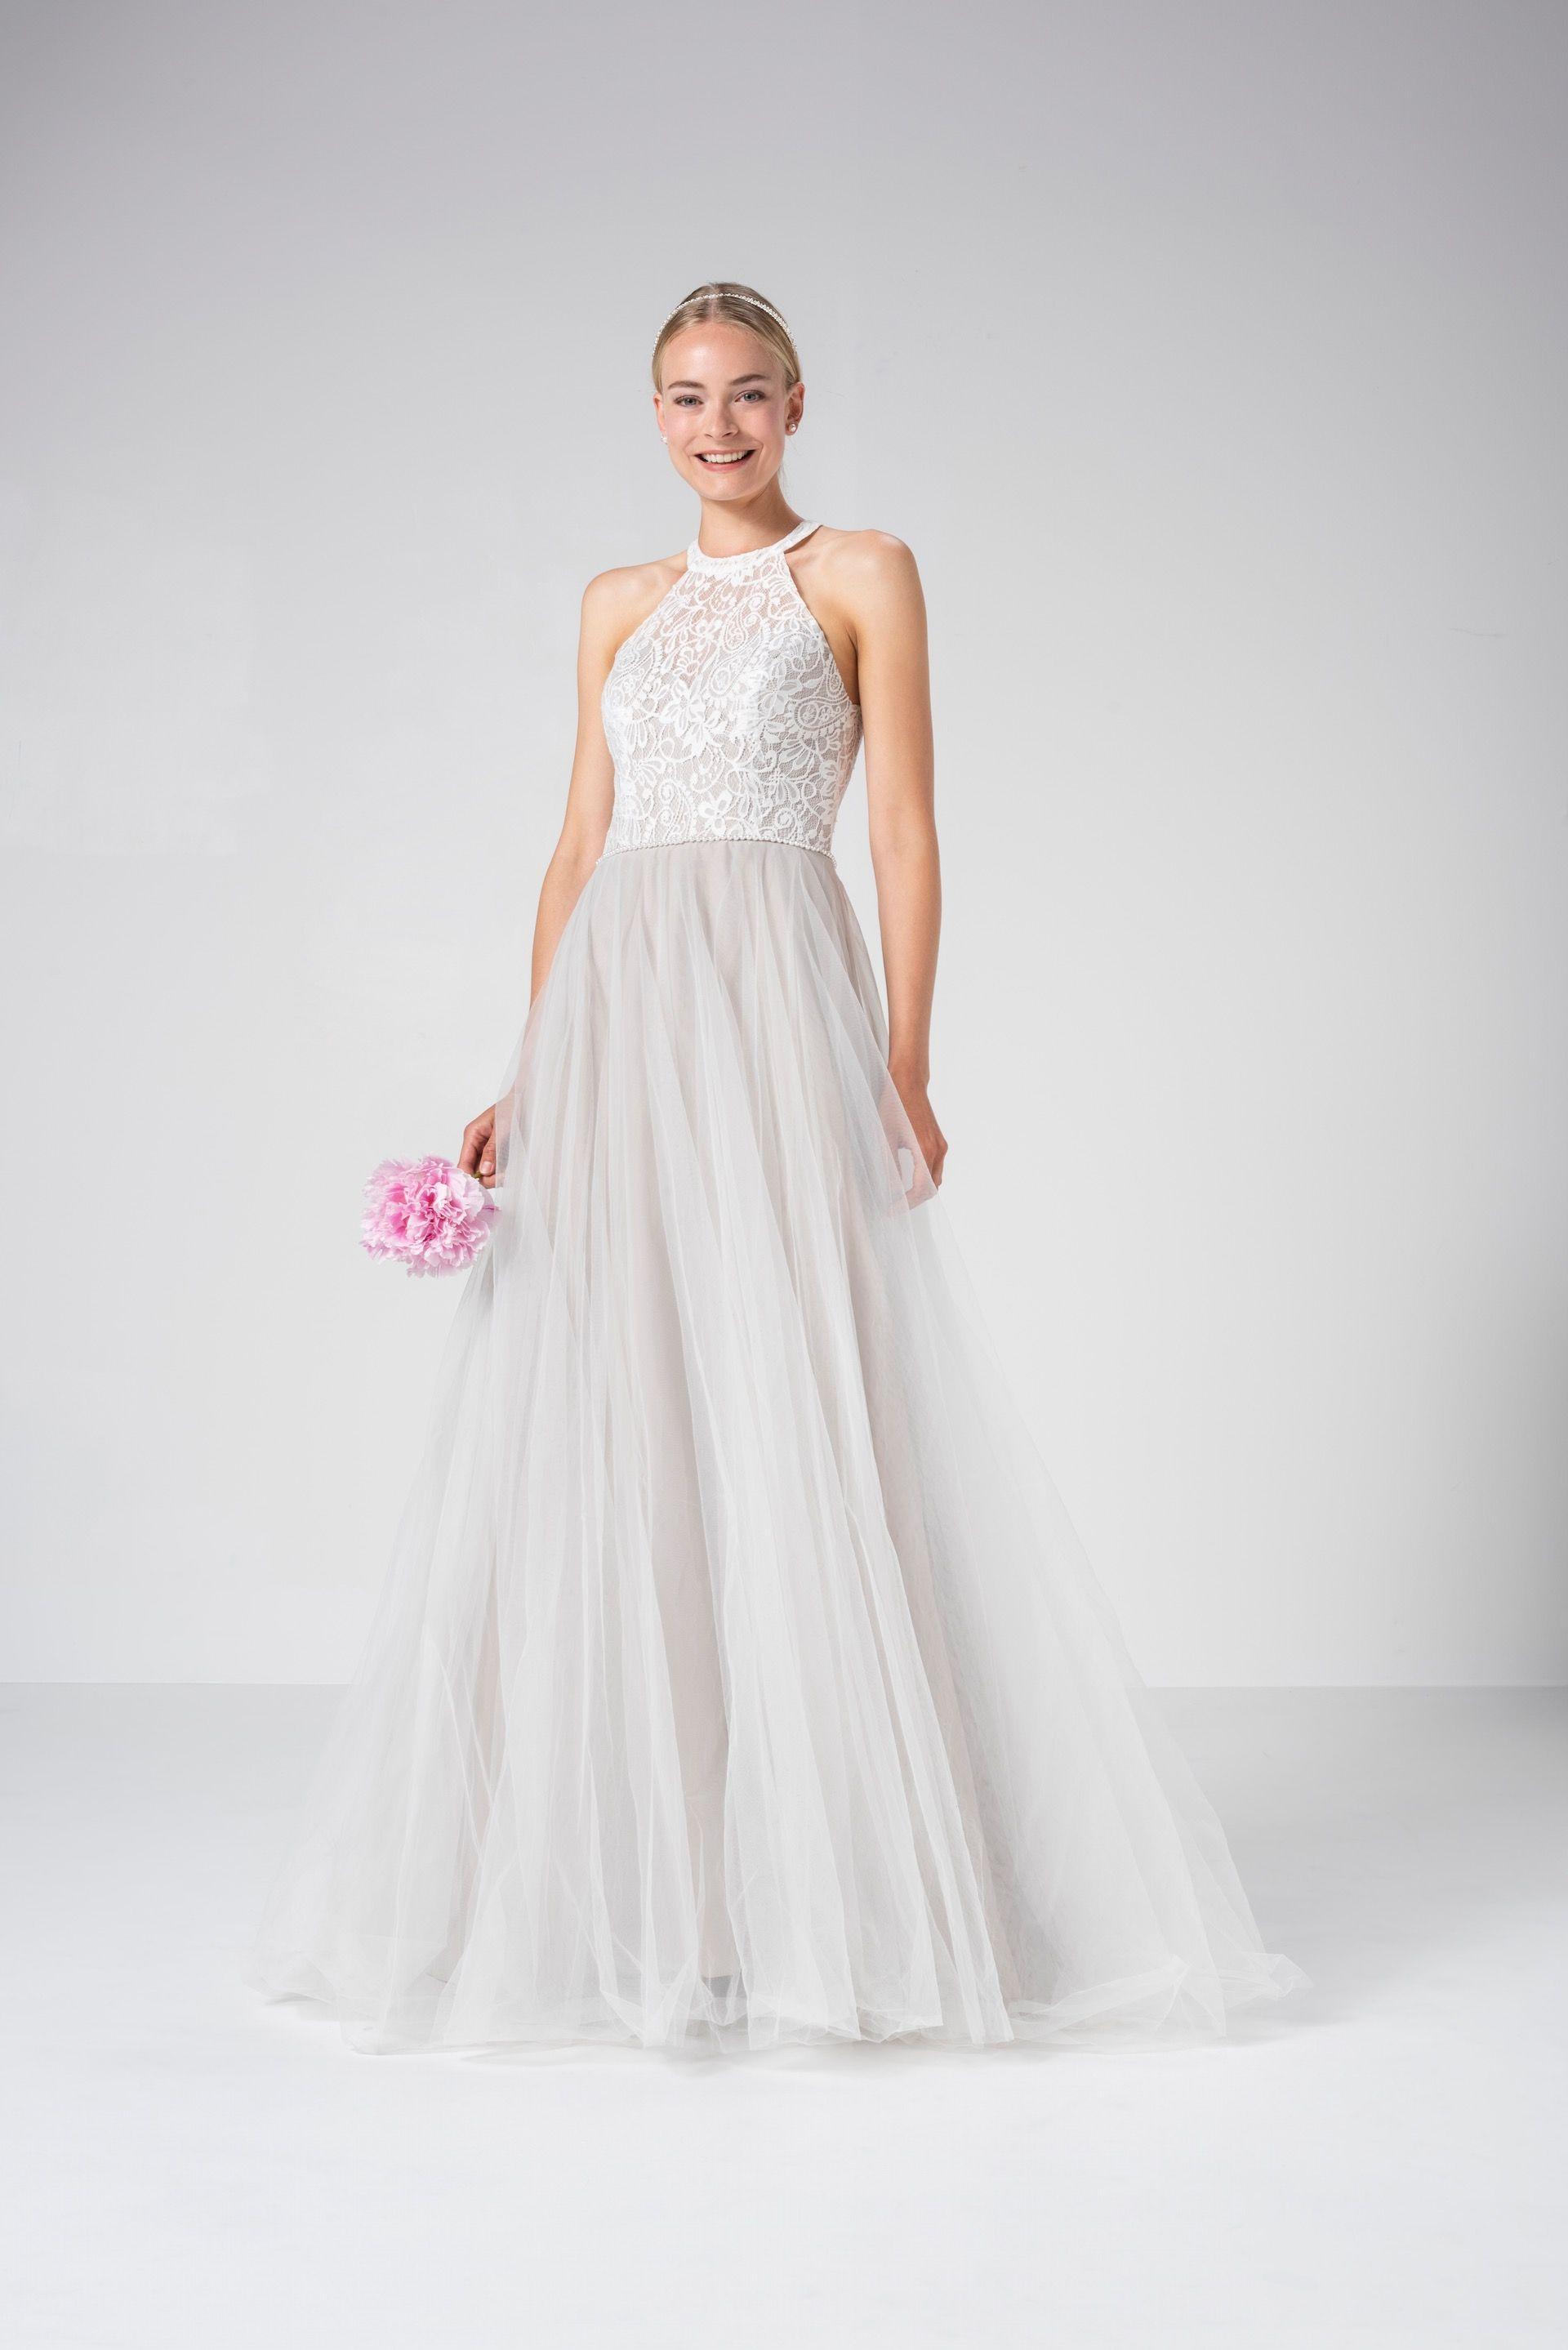 Hochzeitskleider - Bilder-Galerie und Brautkleider-Trends in 13